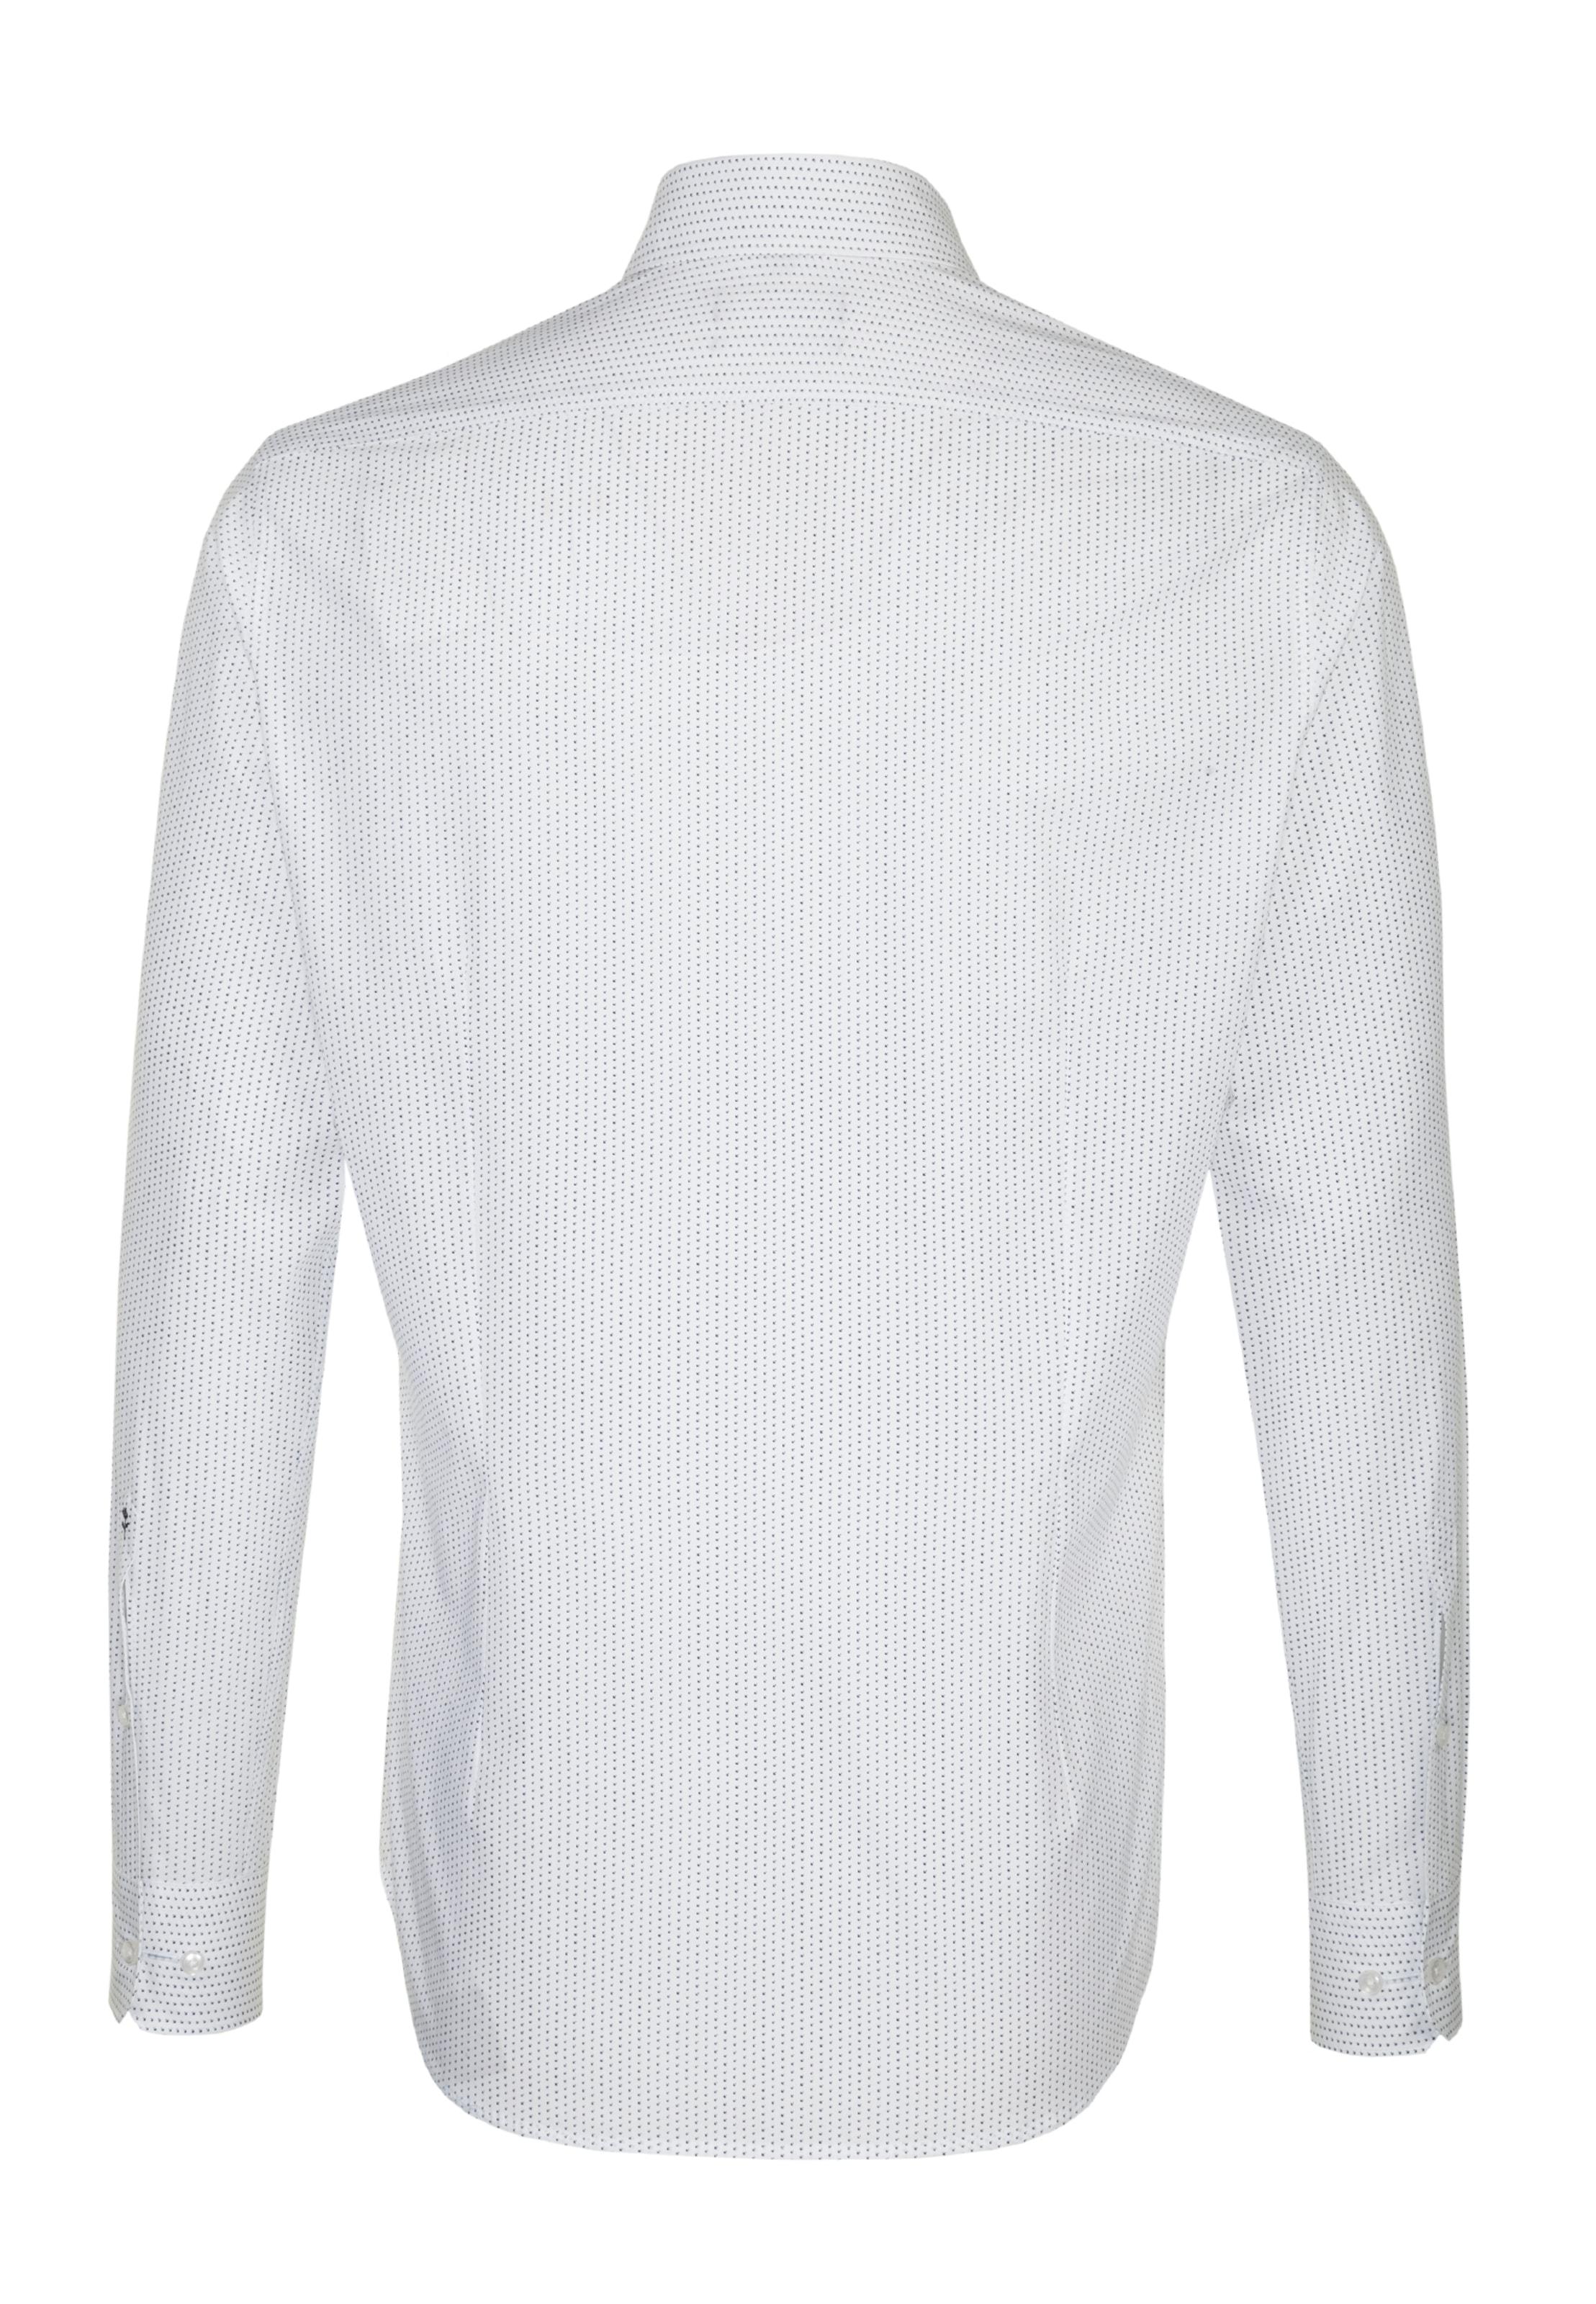 Seidensticker In Business Hemd Weiß Tailored ' H2WIED9